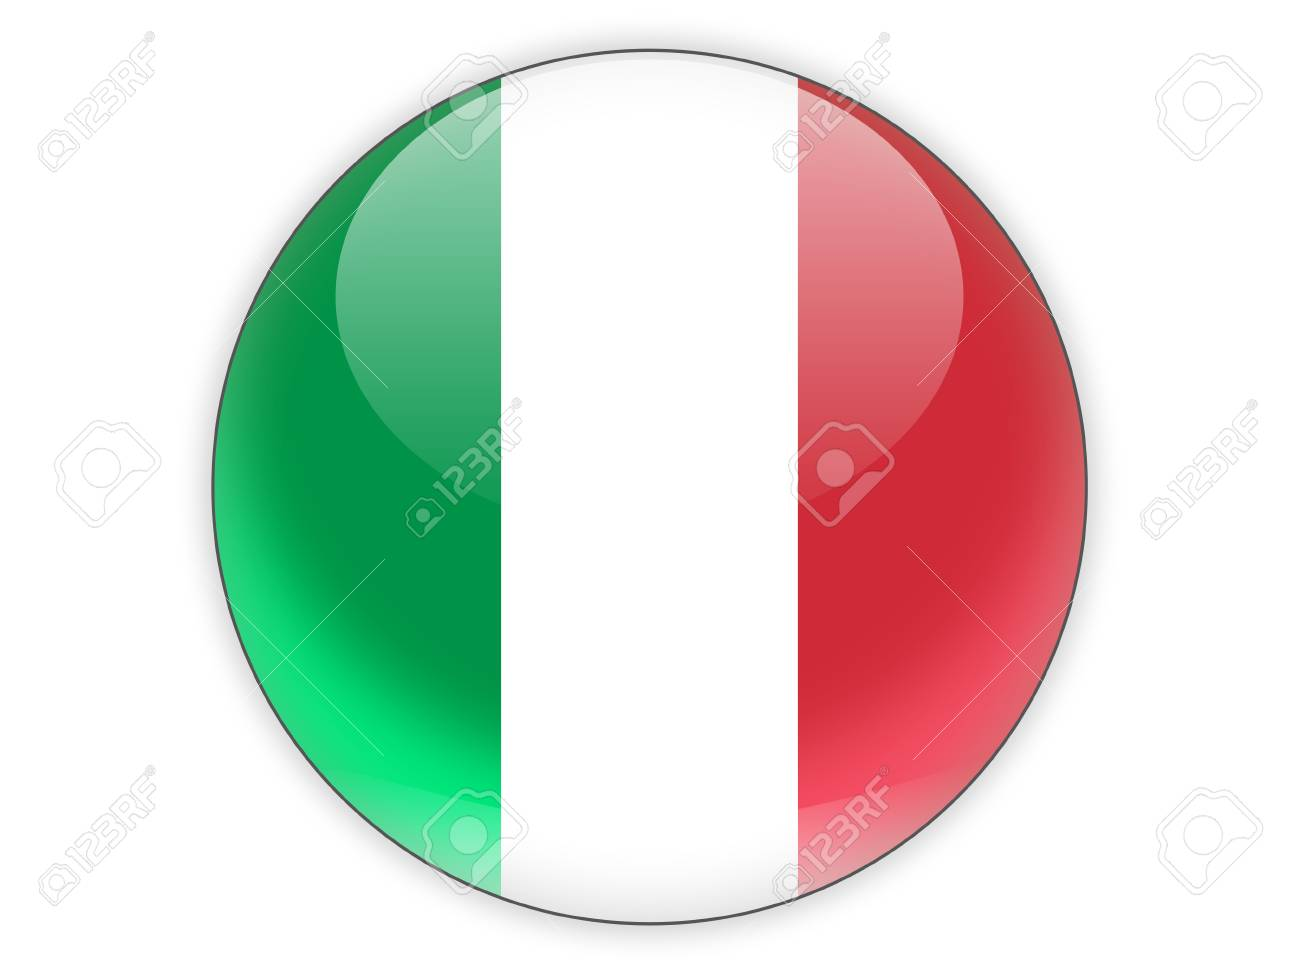 icone ronde avec le drapeau de l italie isole sur blanc